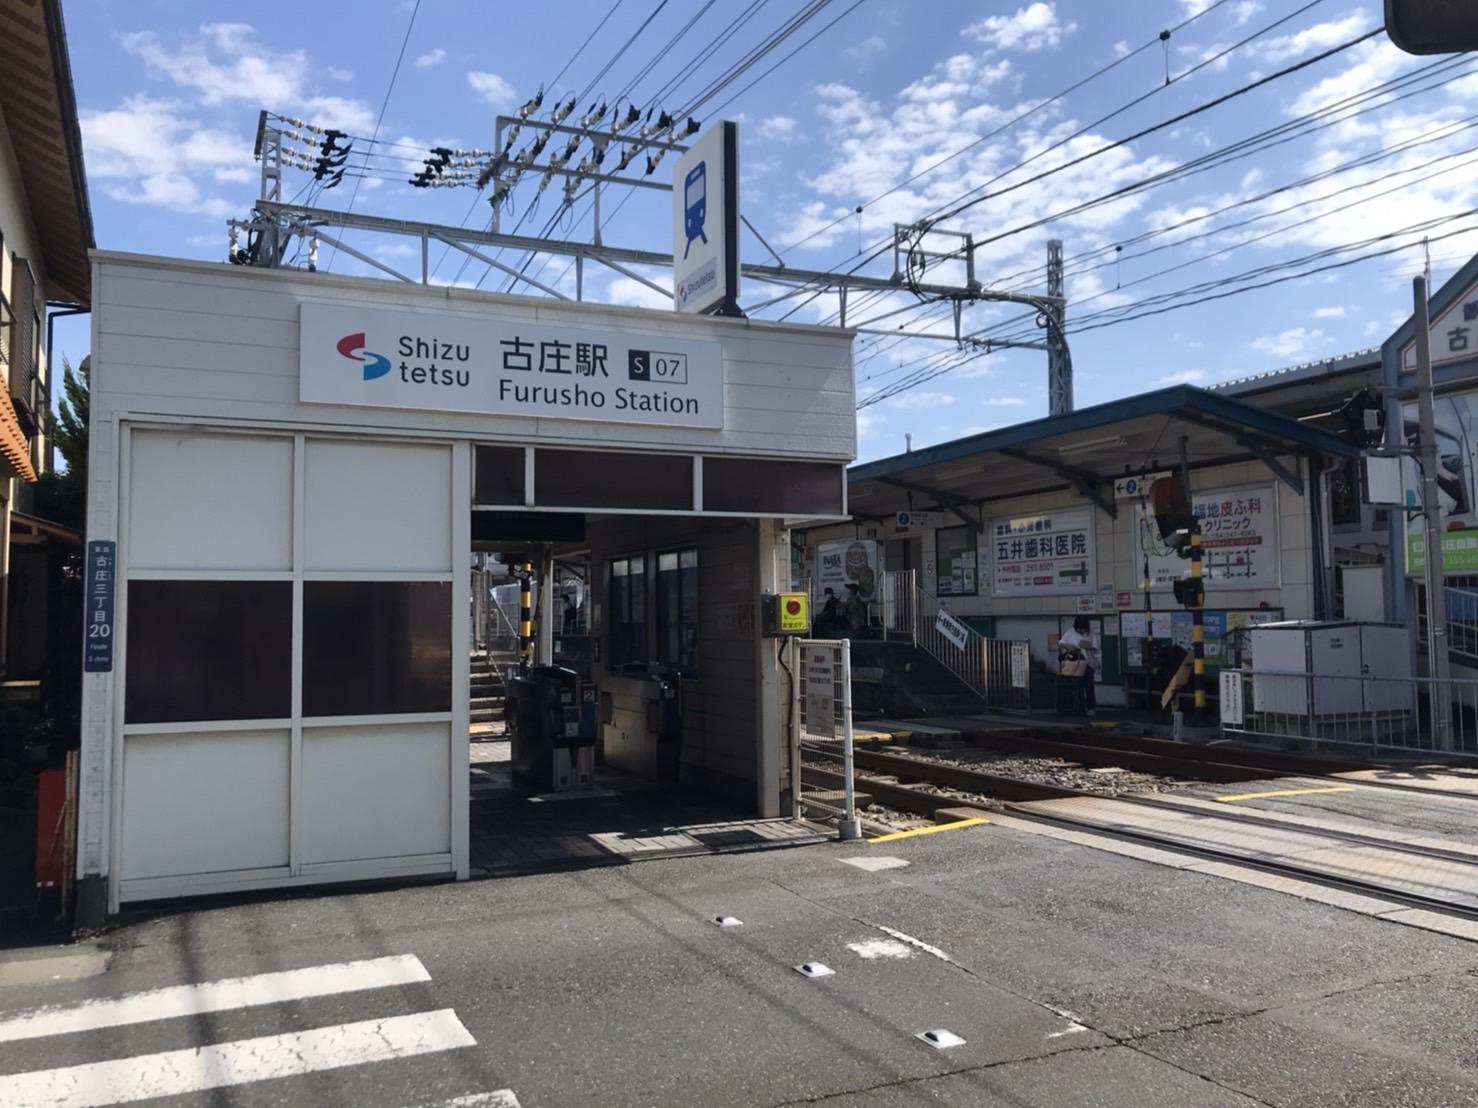 静岡鉄道「古庄駅」まで徒歩4分です。